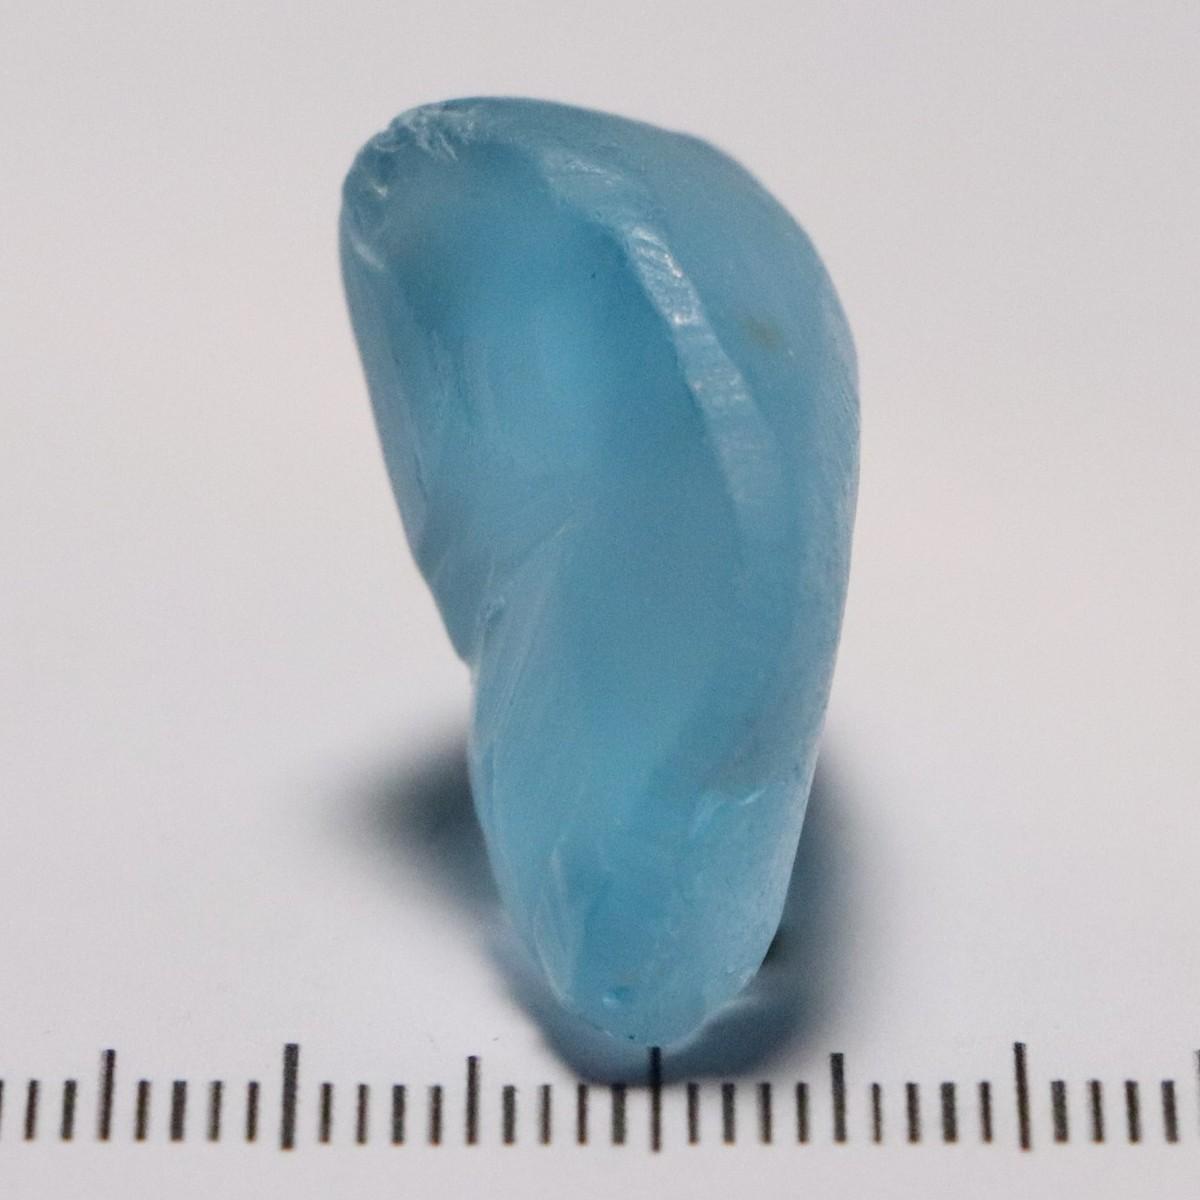 Sky Blue Topaz 65.78cts